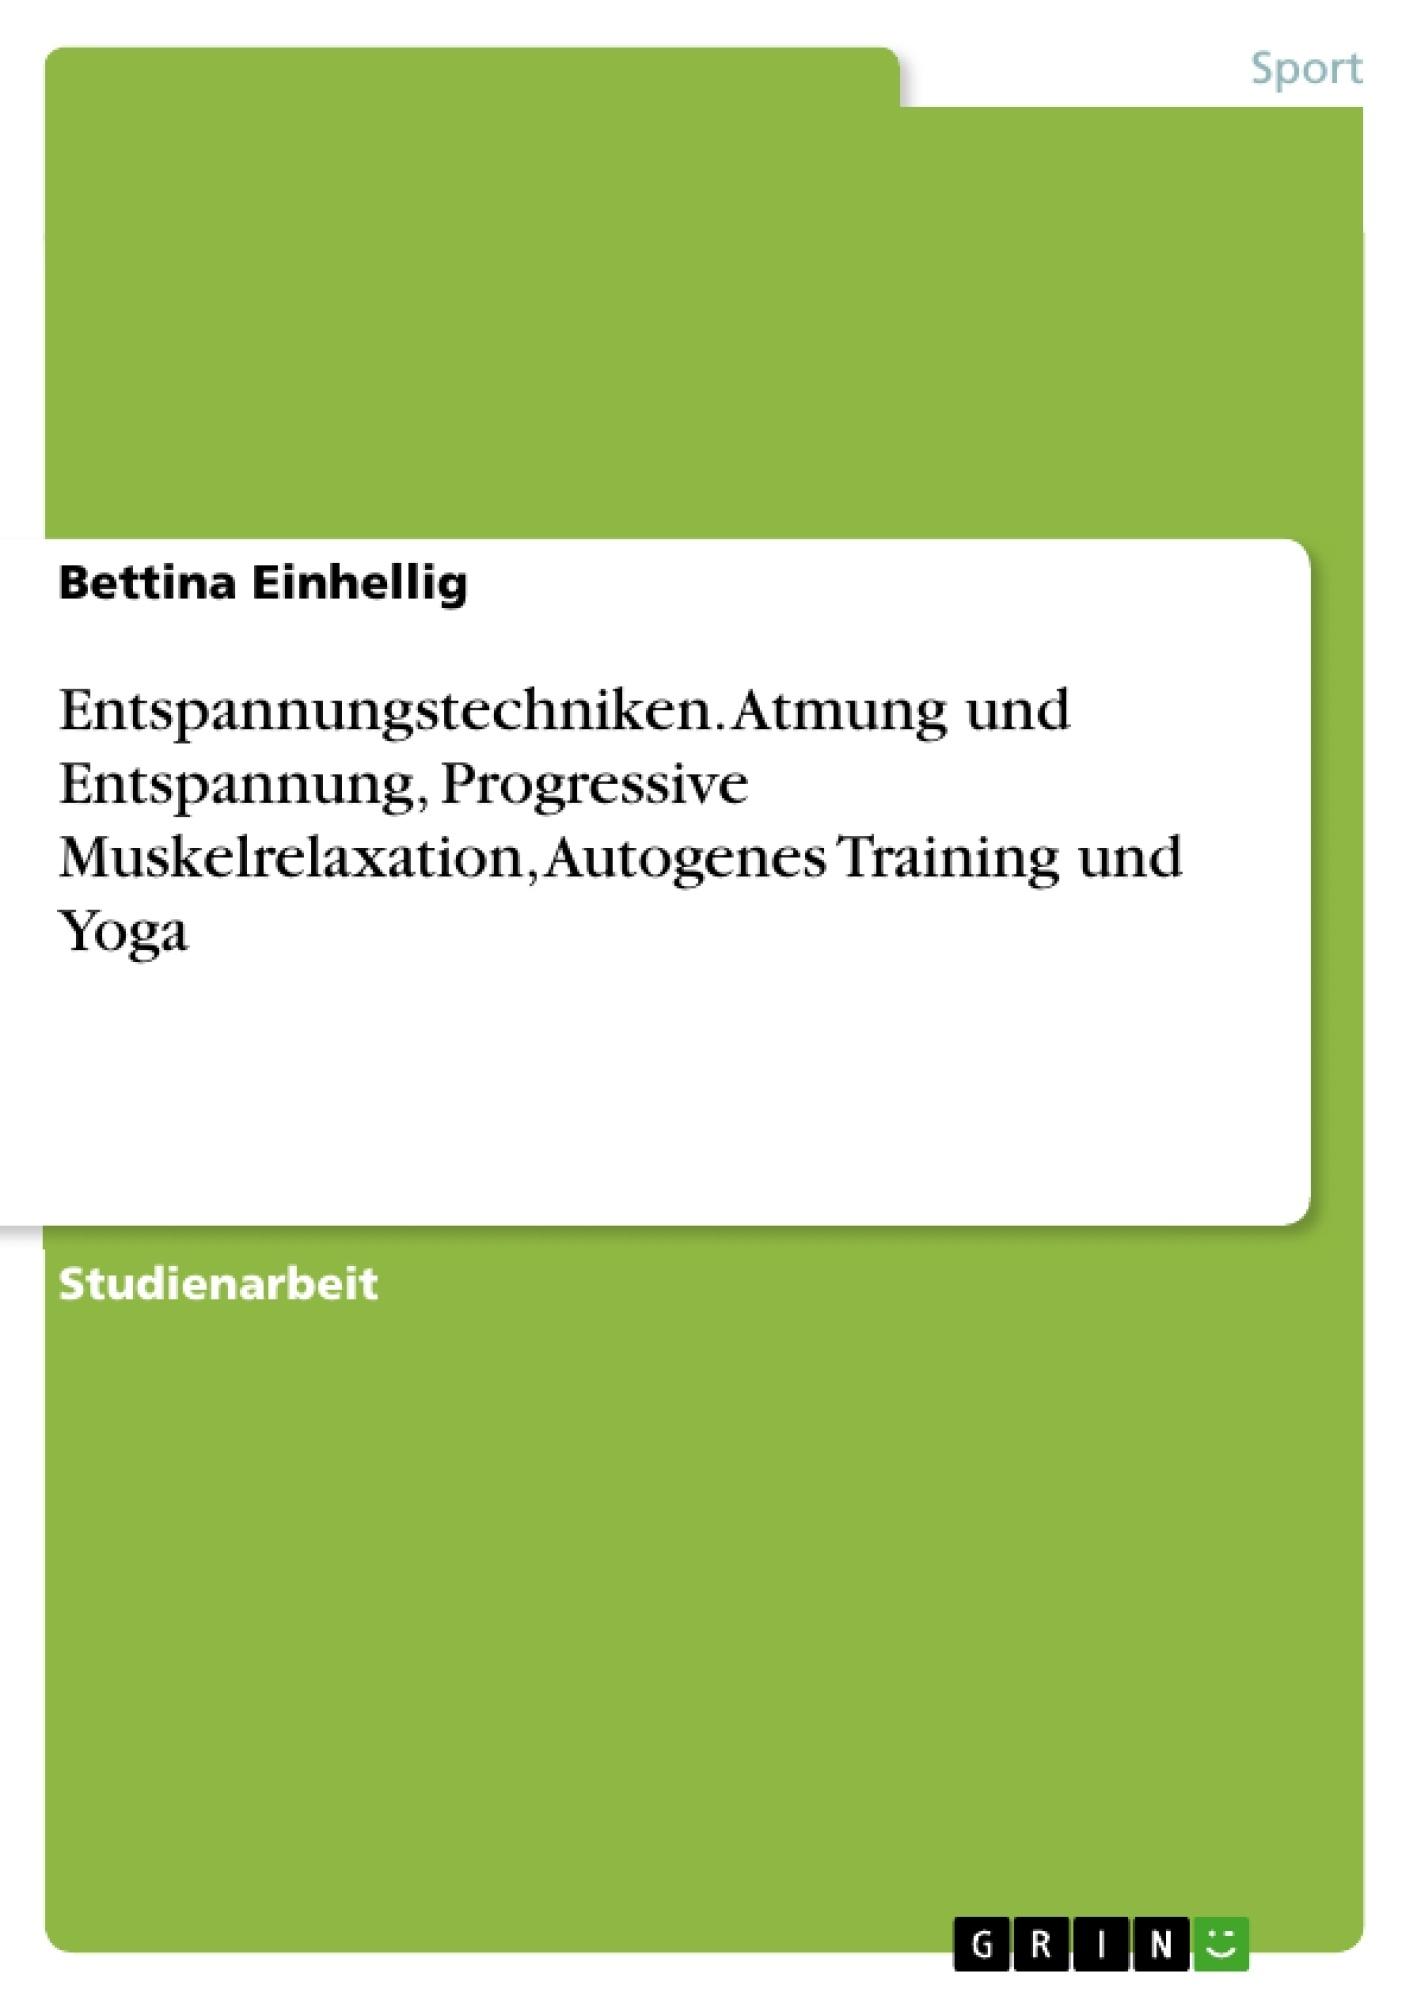 Titel: Entspannungstechniken. Atmung und Entspannung, Progressive Muskelrelaxation, Autogenes Training und Yoga